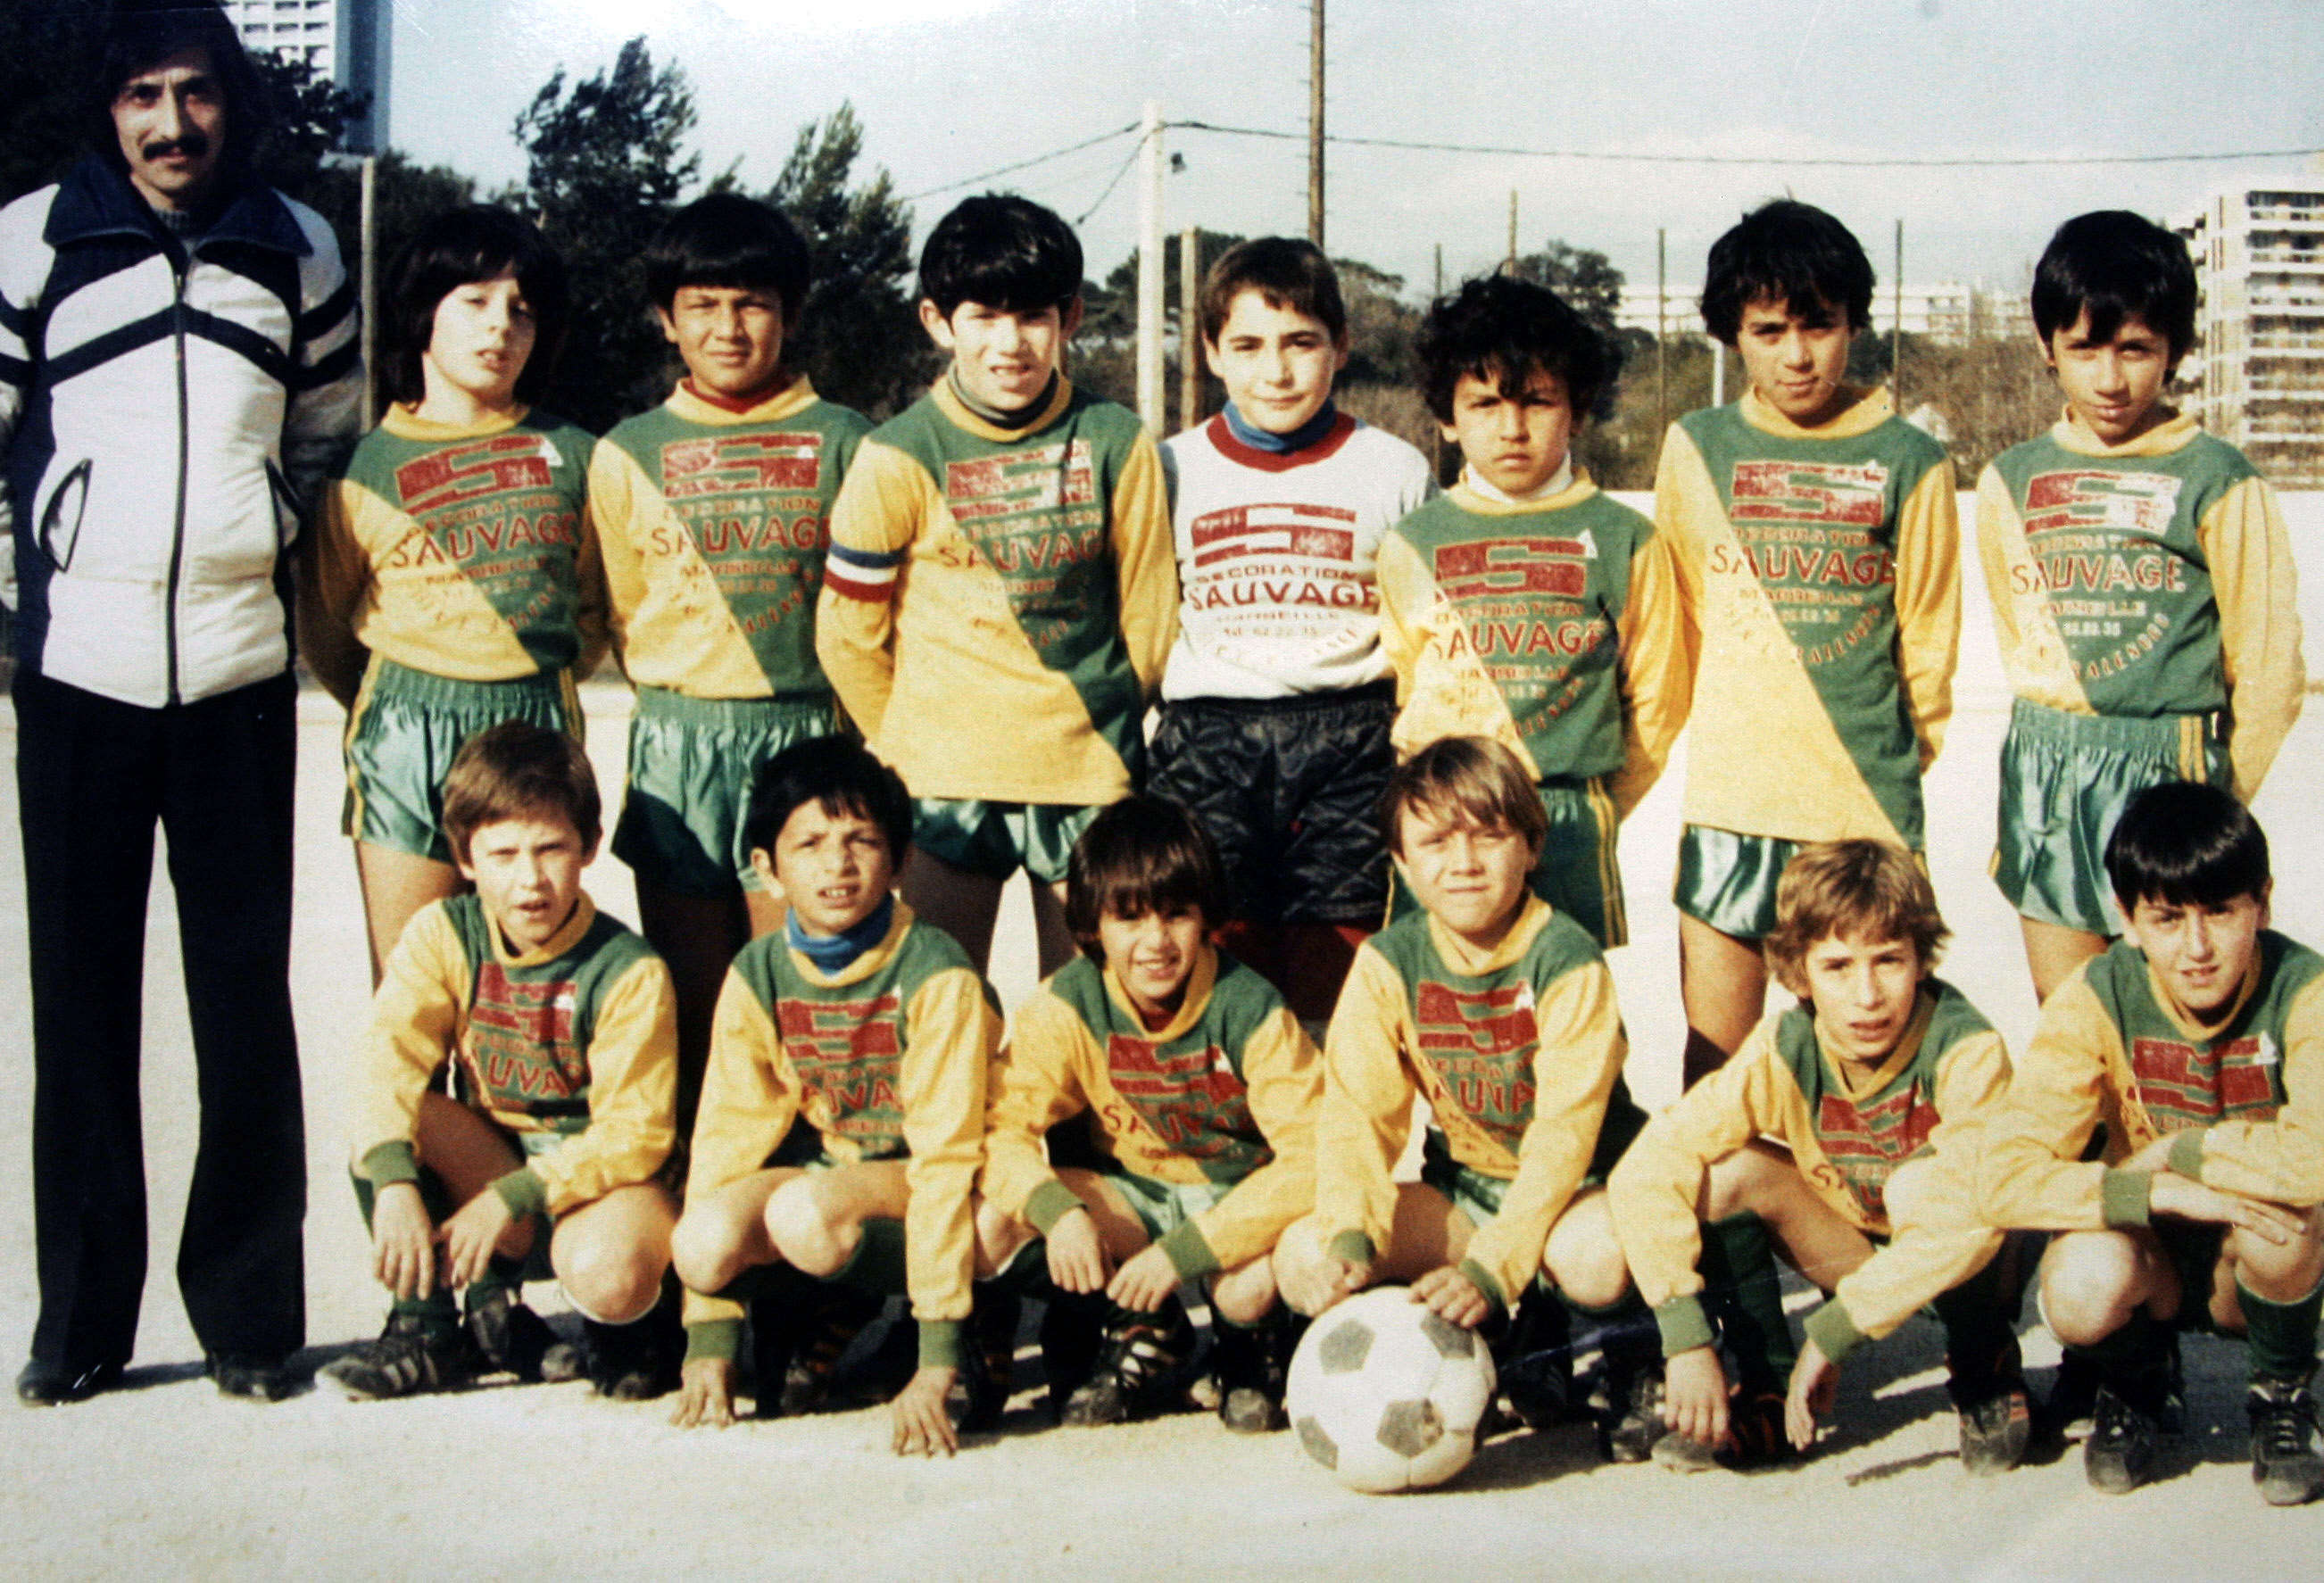 Tout commence à La Castellane, quartier populaire de Marseille. Le jeune Zidane  (troisième enfant en haut en partant de la gauche) y touche ses premiers ballons.